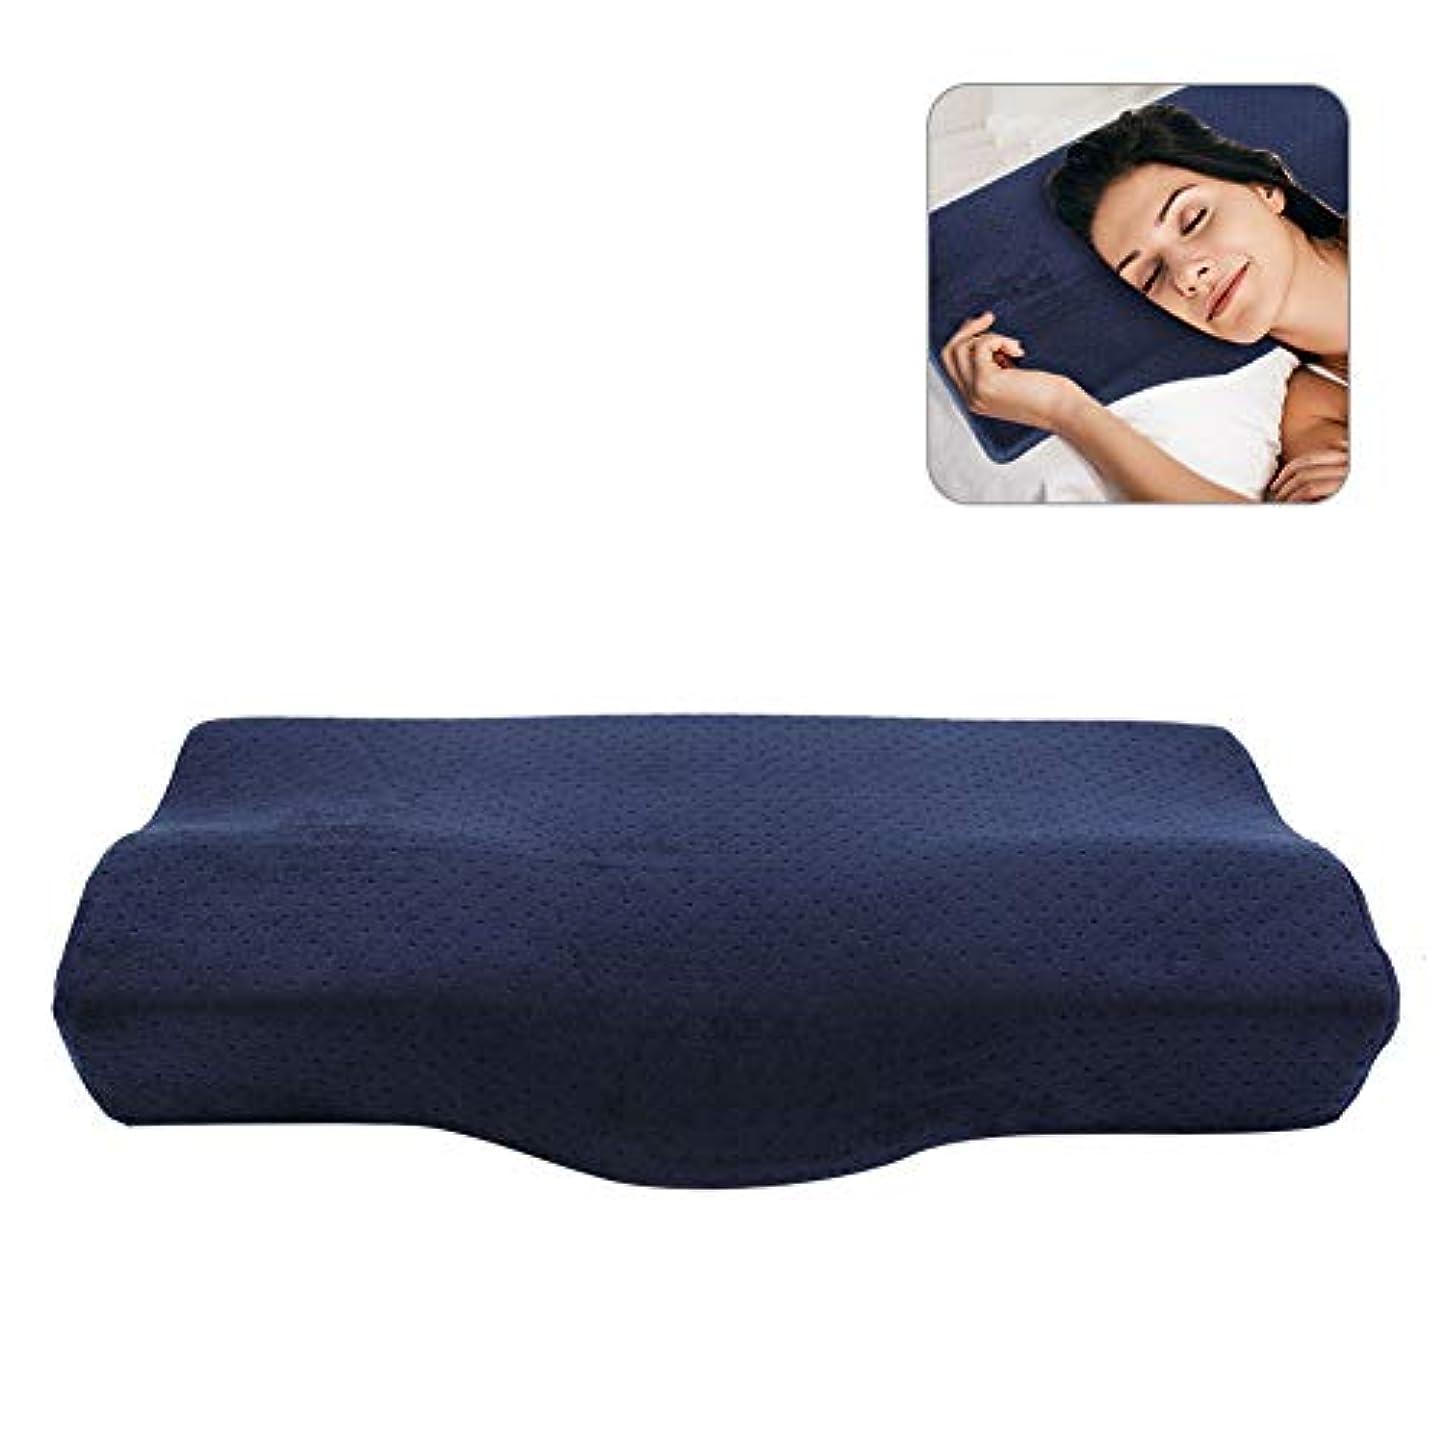 ピン士気玉ねぎ枕 安眠 低反発枕 肩こり対策 頸椎サポート 肩こり対策 首?頭?肩 子供 大人向き 美容院&グラフトまつげ (ダークブルー)